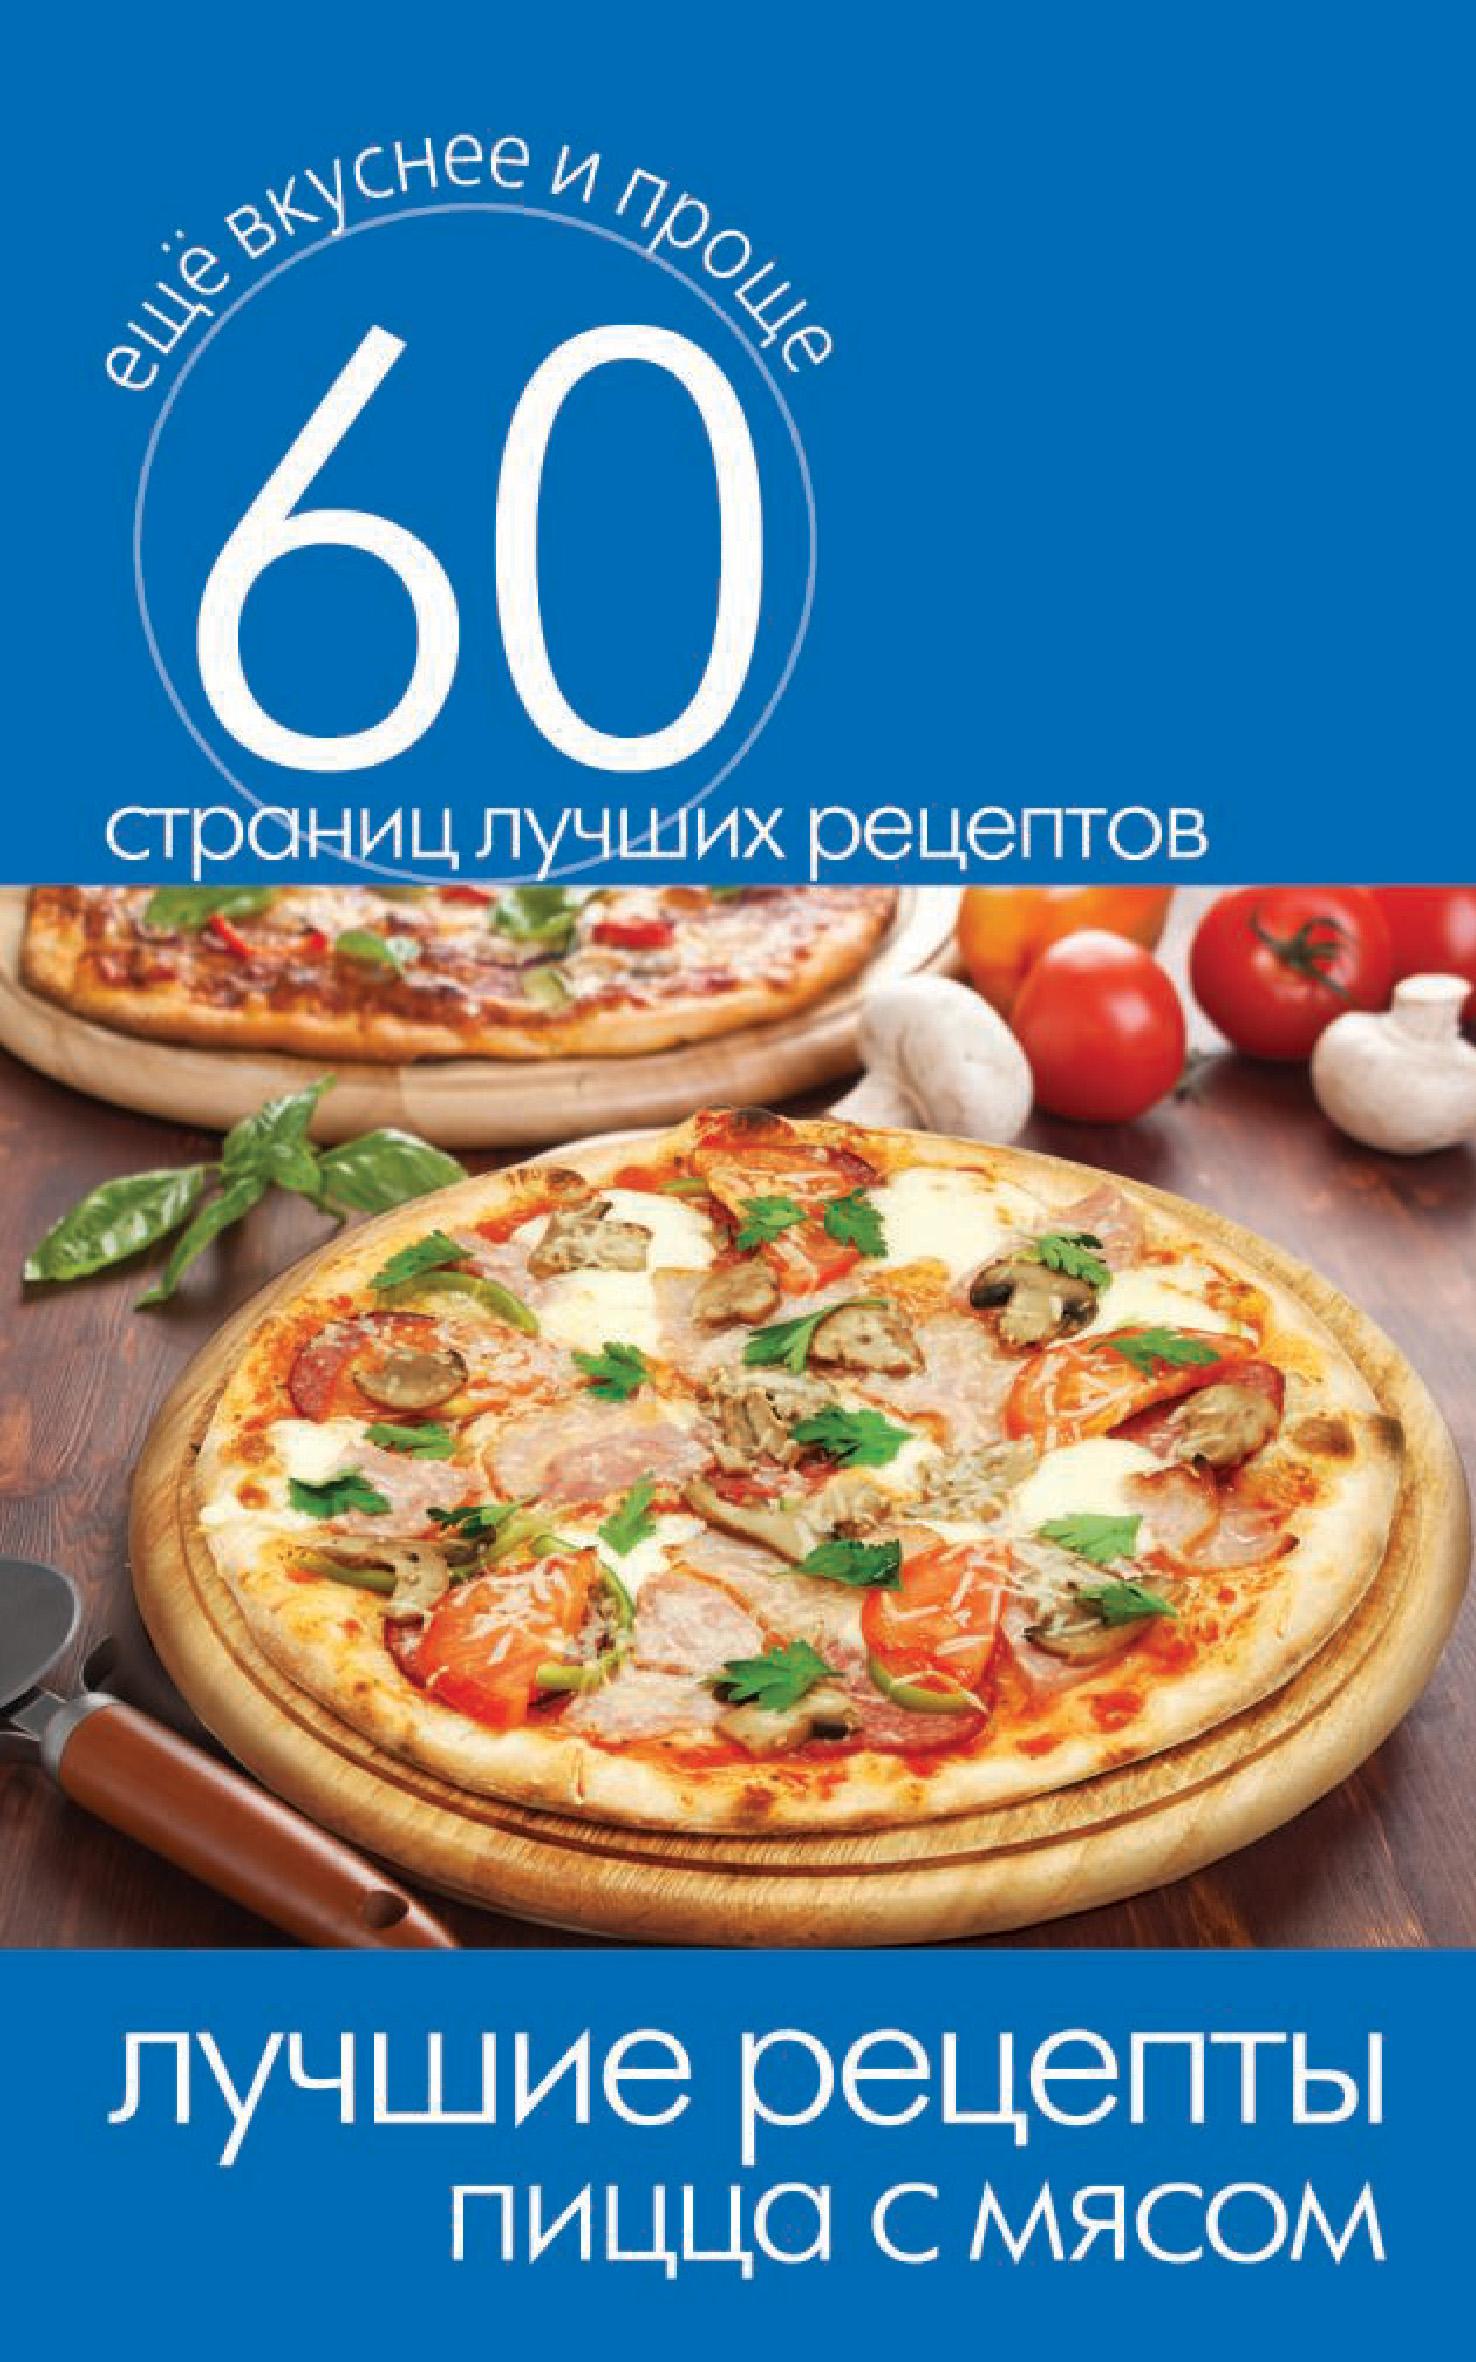 Отсутствует Лучшие рецепты. Пицца с мясом семенда с избавляемся от холестерина лучшие рецепты и методики